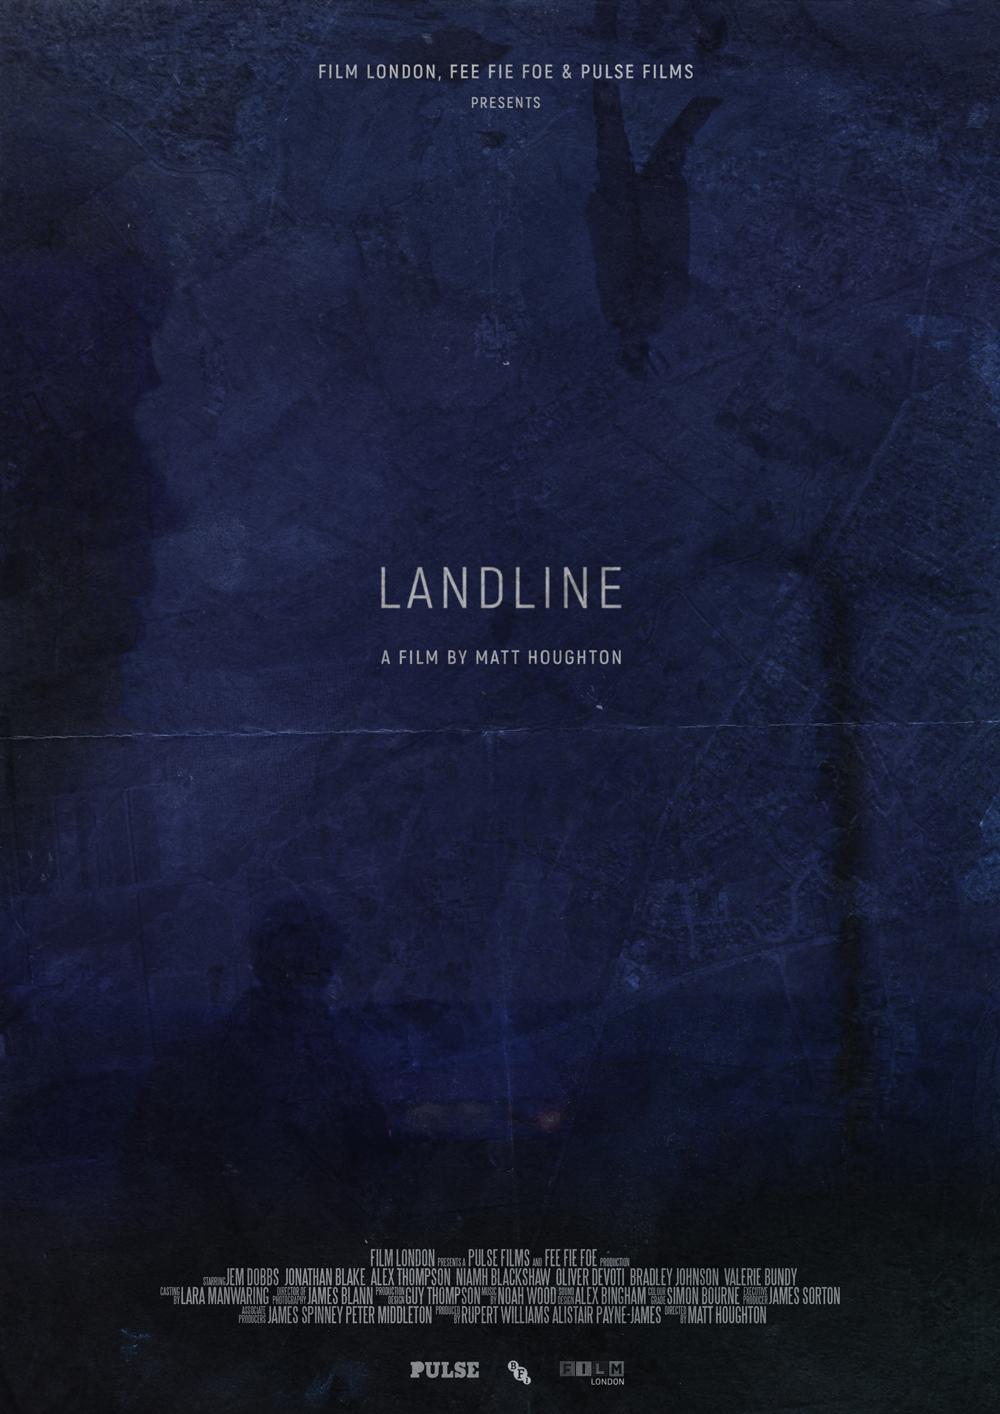 LANDLINE // MATT HOUGHTON